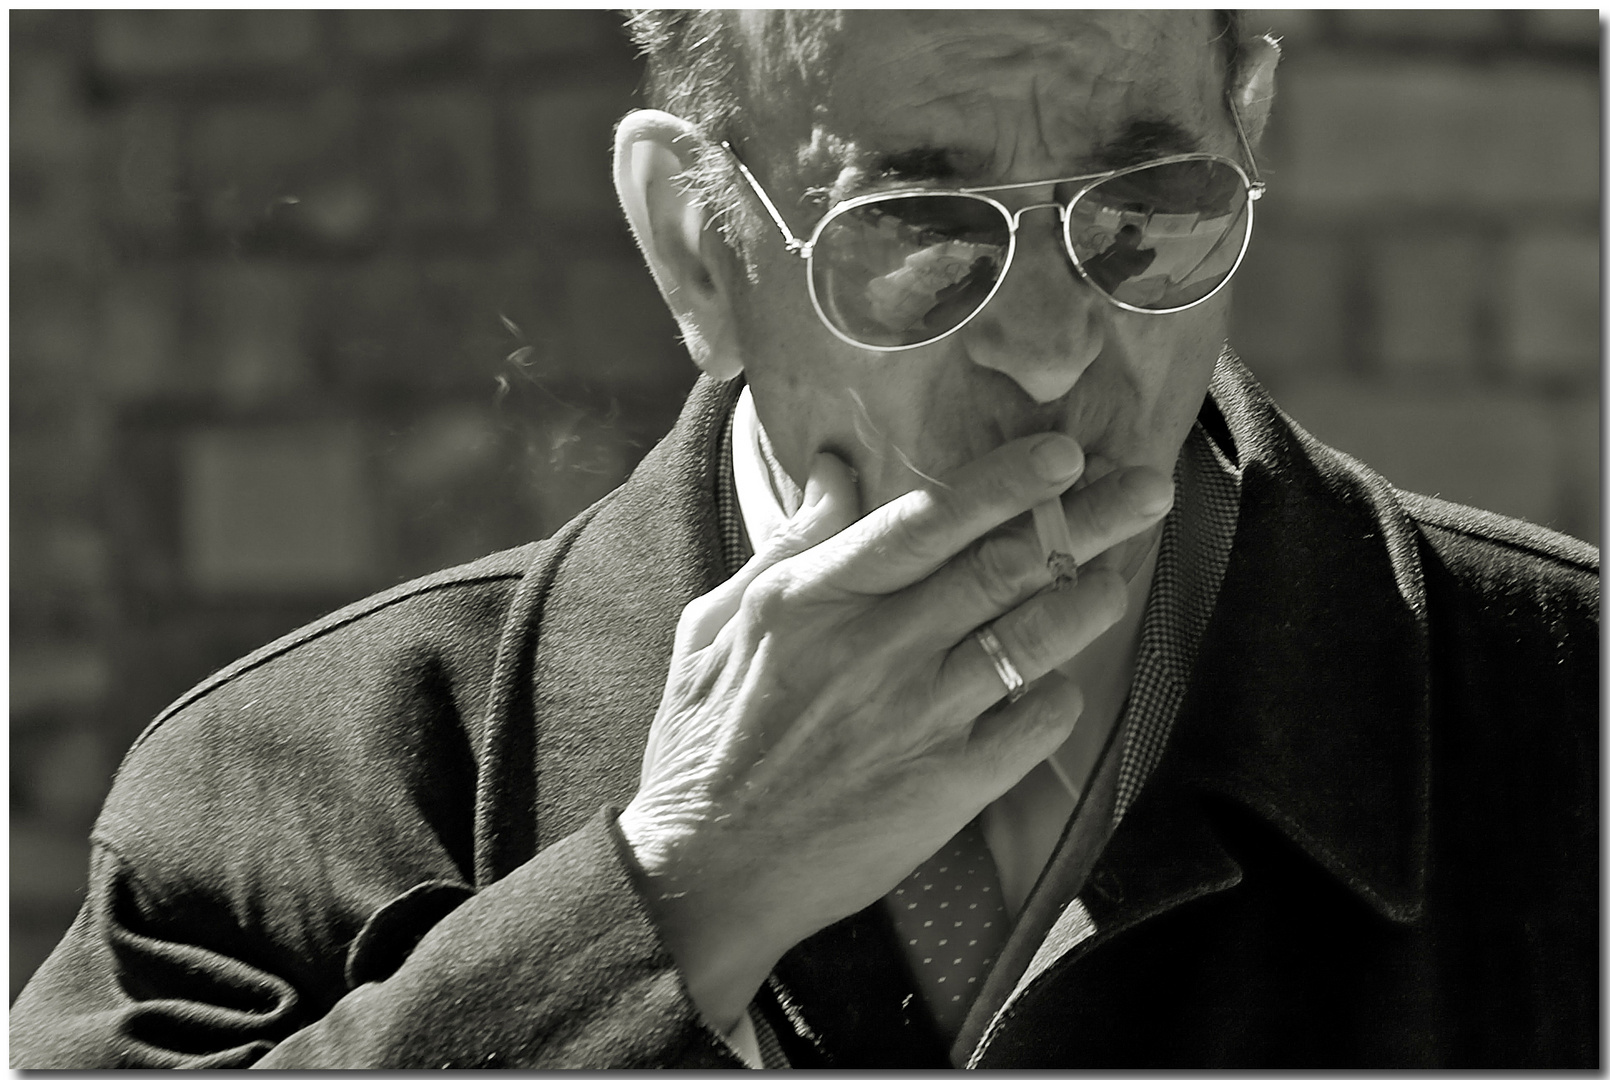 Sólo el humo del tabaco...